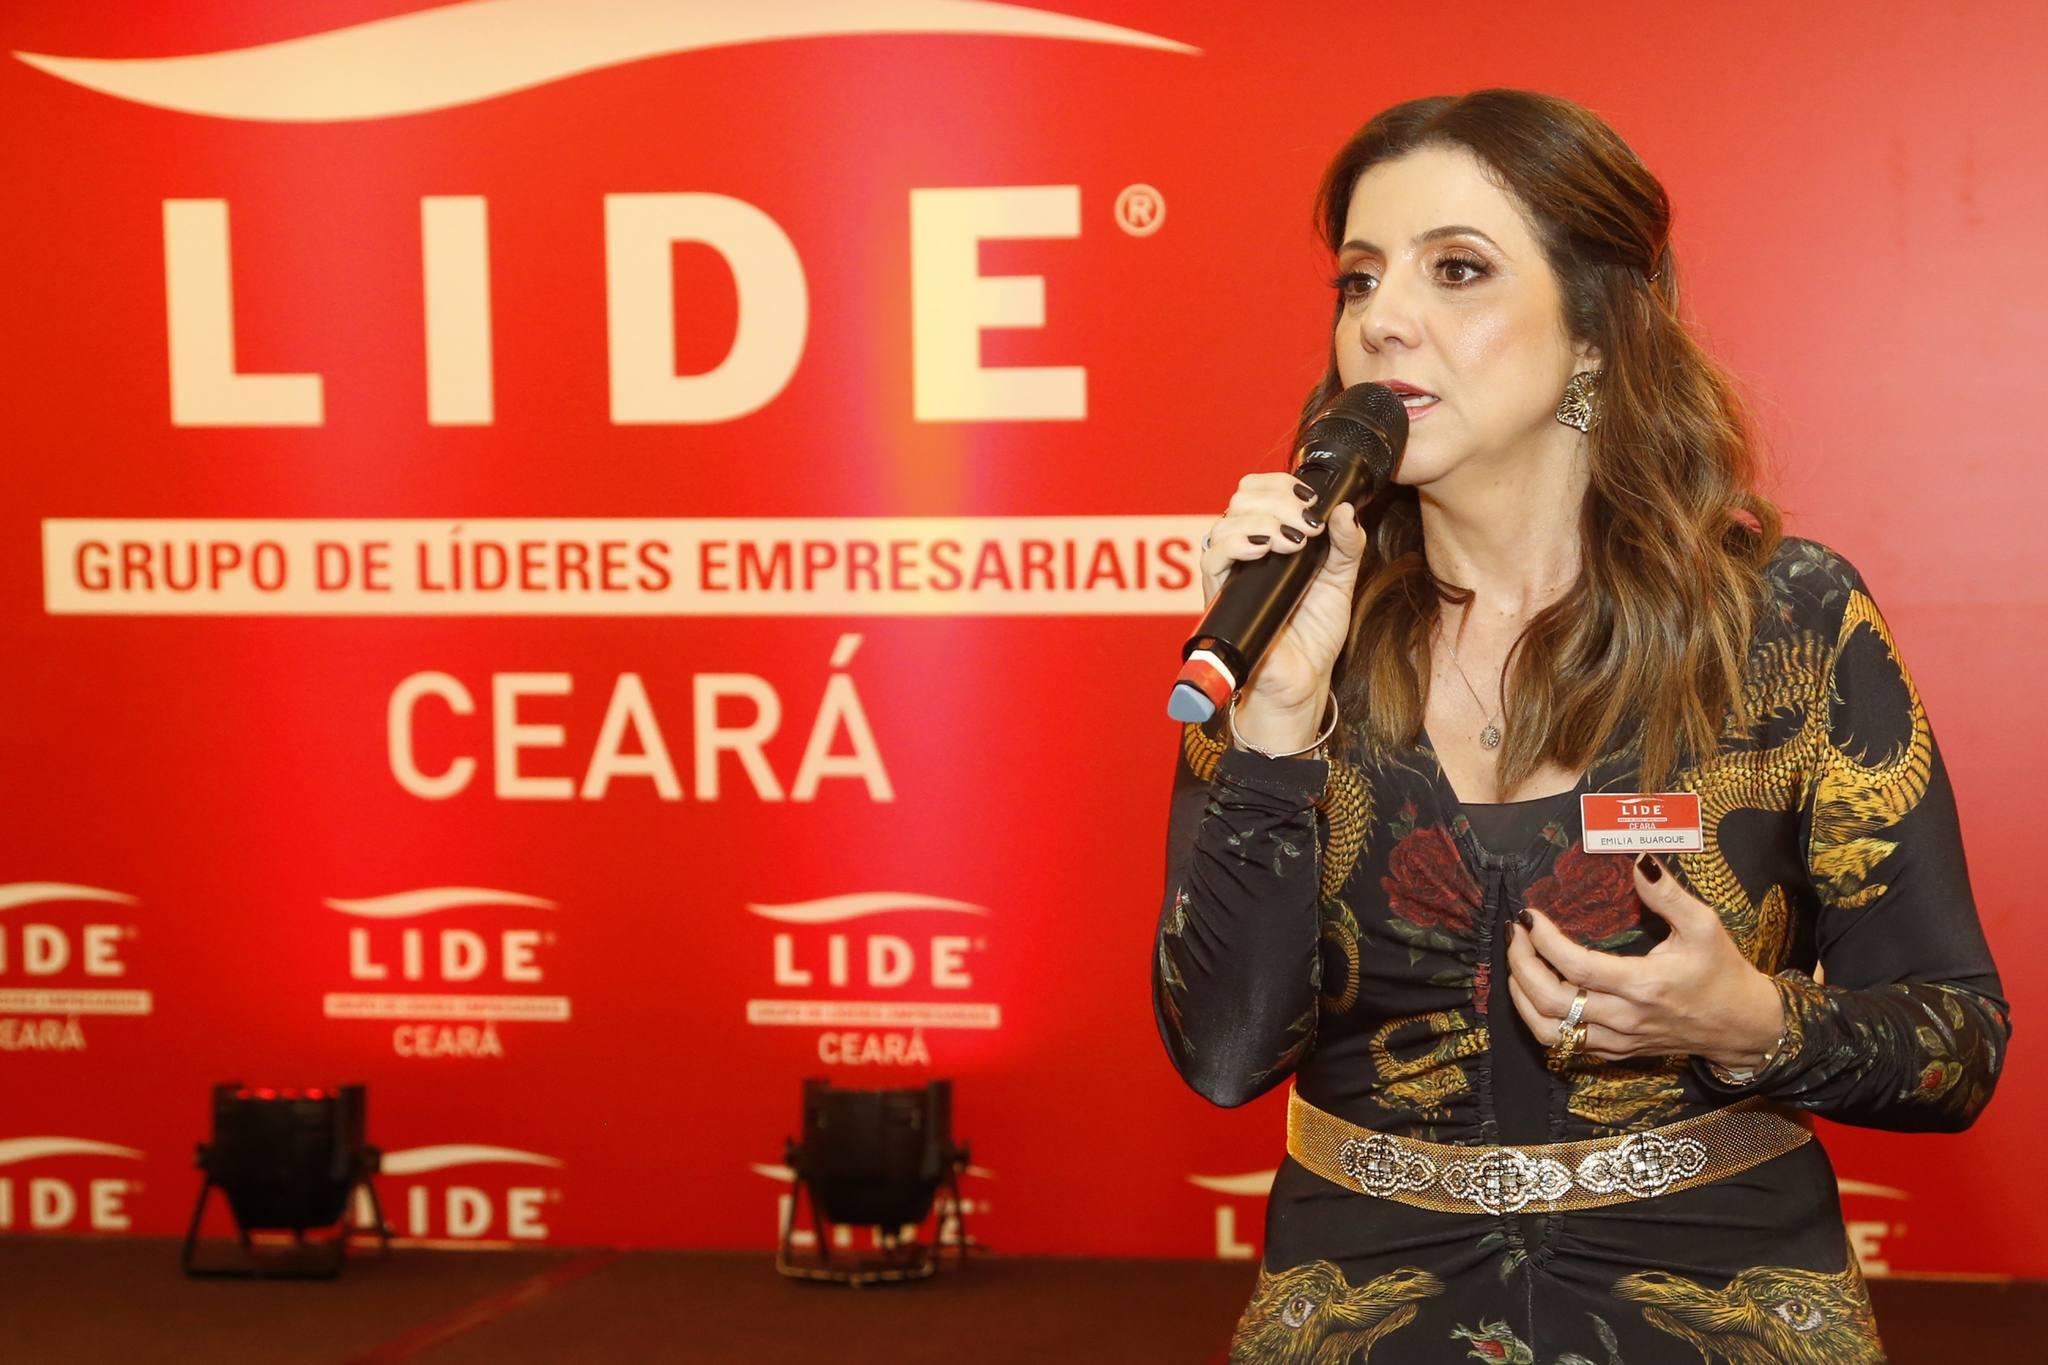 Lide Ceará retoma a programação de encontros este mês, com convidados de peso